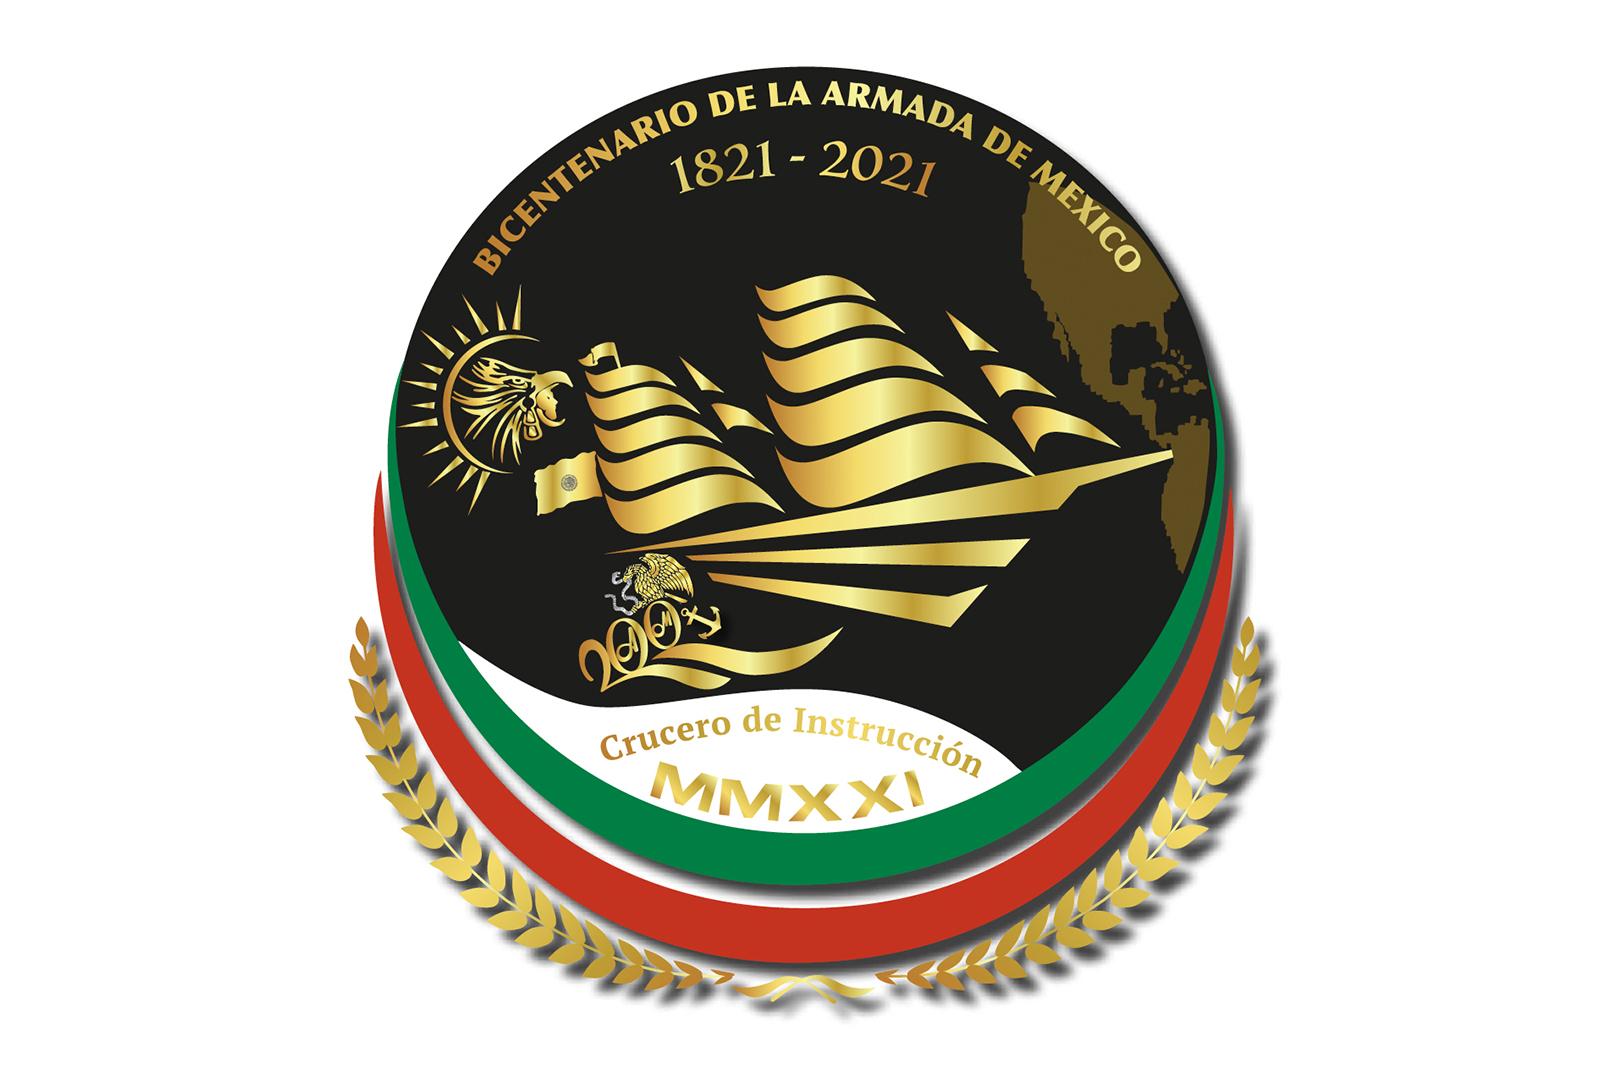 """Logotipo del Crucero de Instrucción MMXXI """"Bicentenario de la Armada de México"""""""